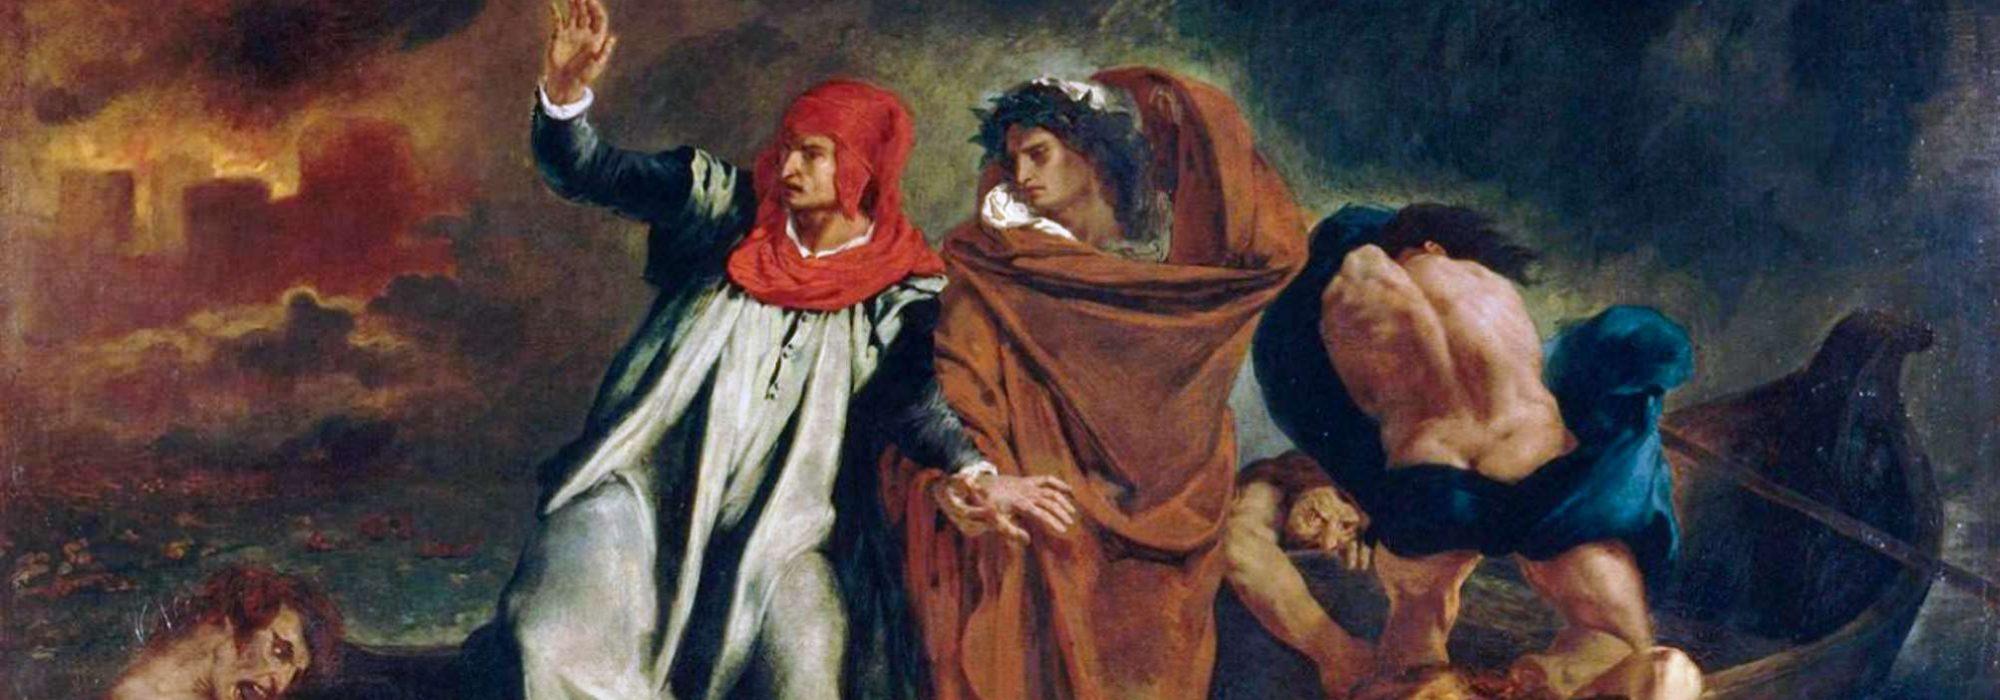 Imagem: A Barca de Dante (Eugène Delacroix, 1822, detalhe)